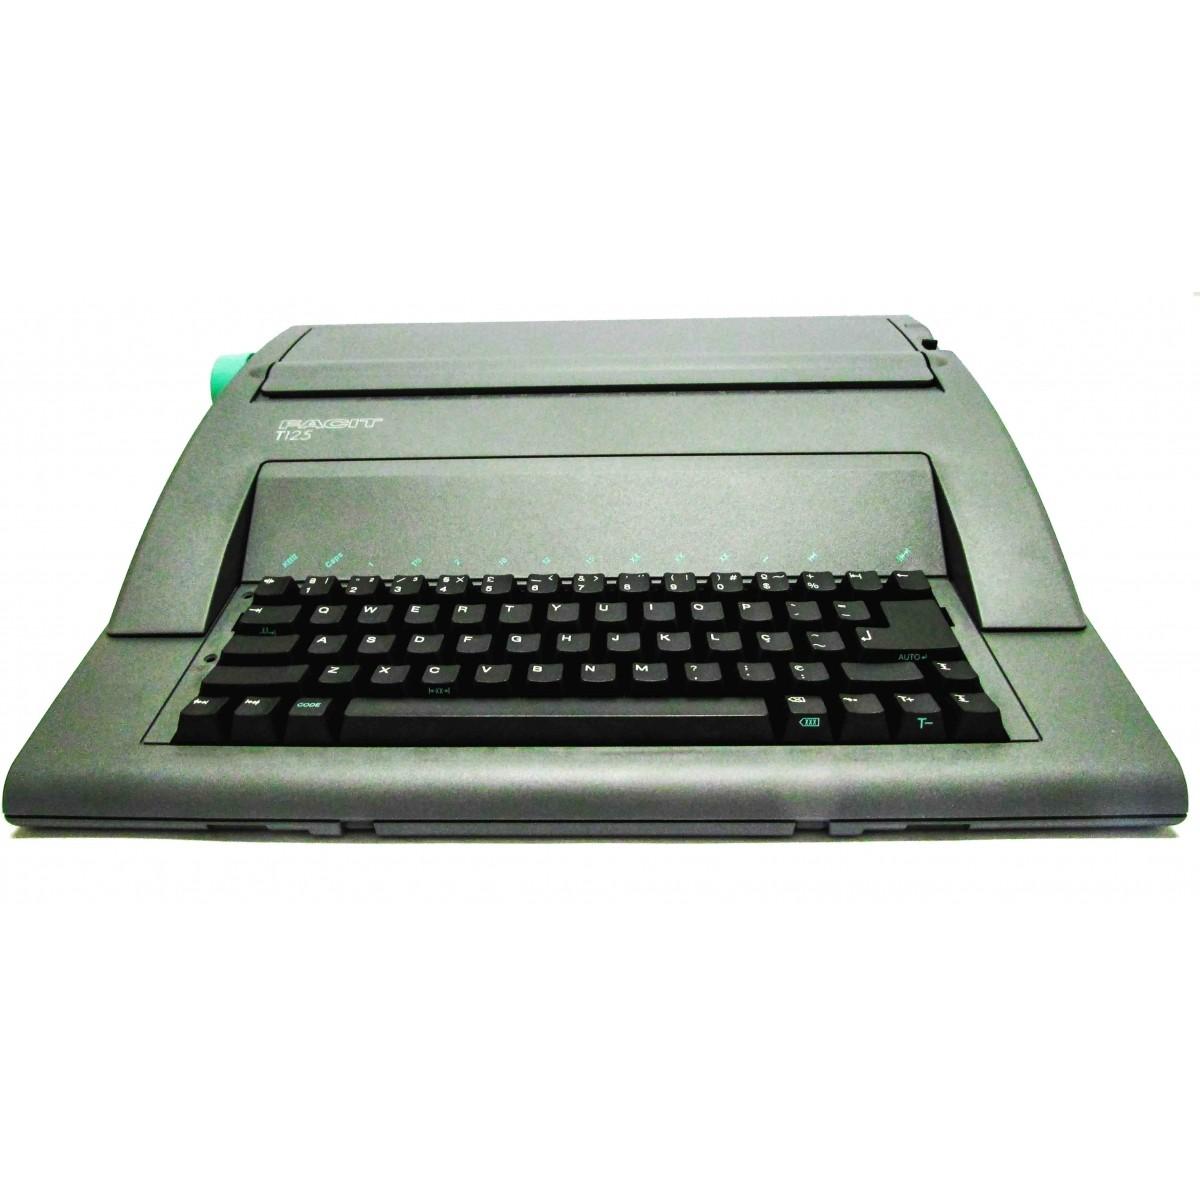 Máquina de Escrever Eletrônica Facit T125 220v Portátil